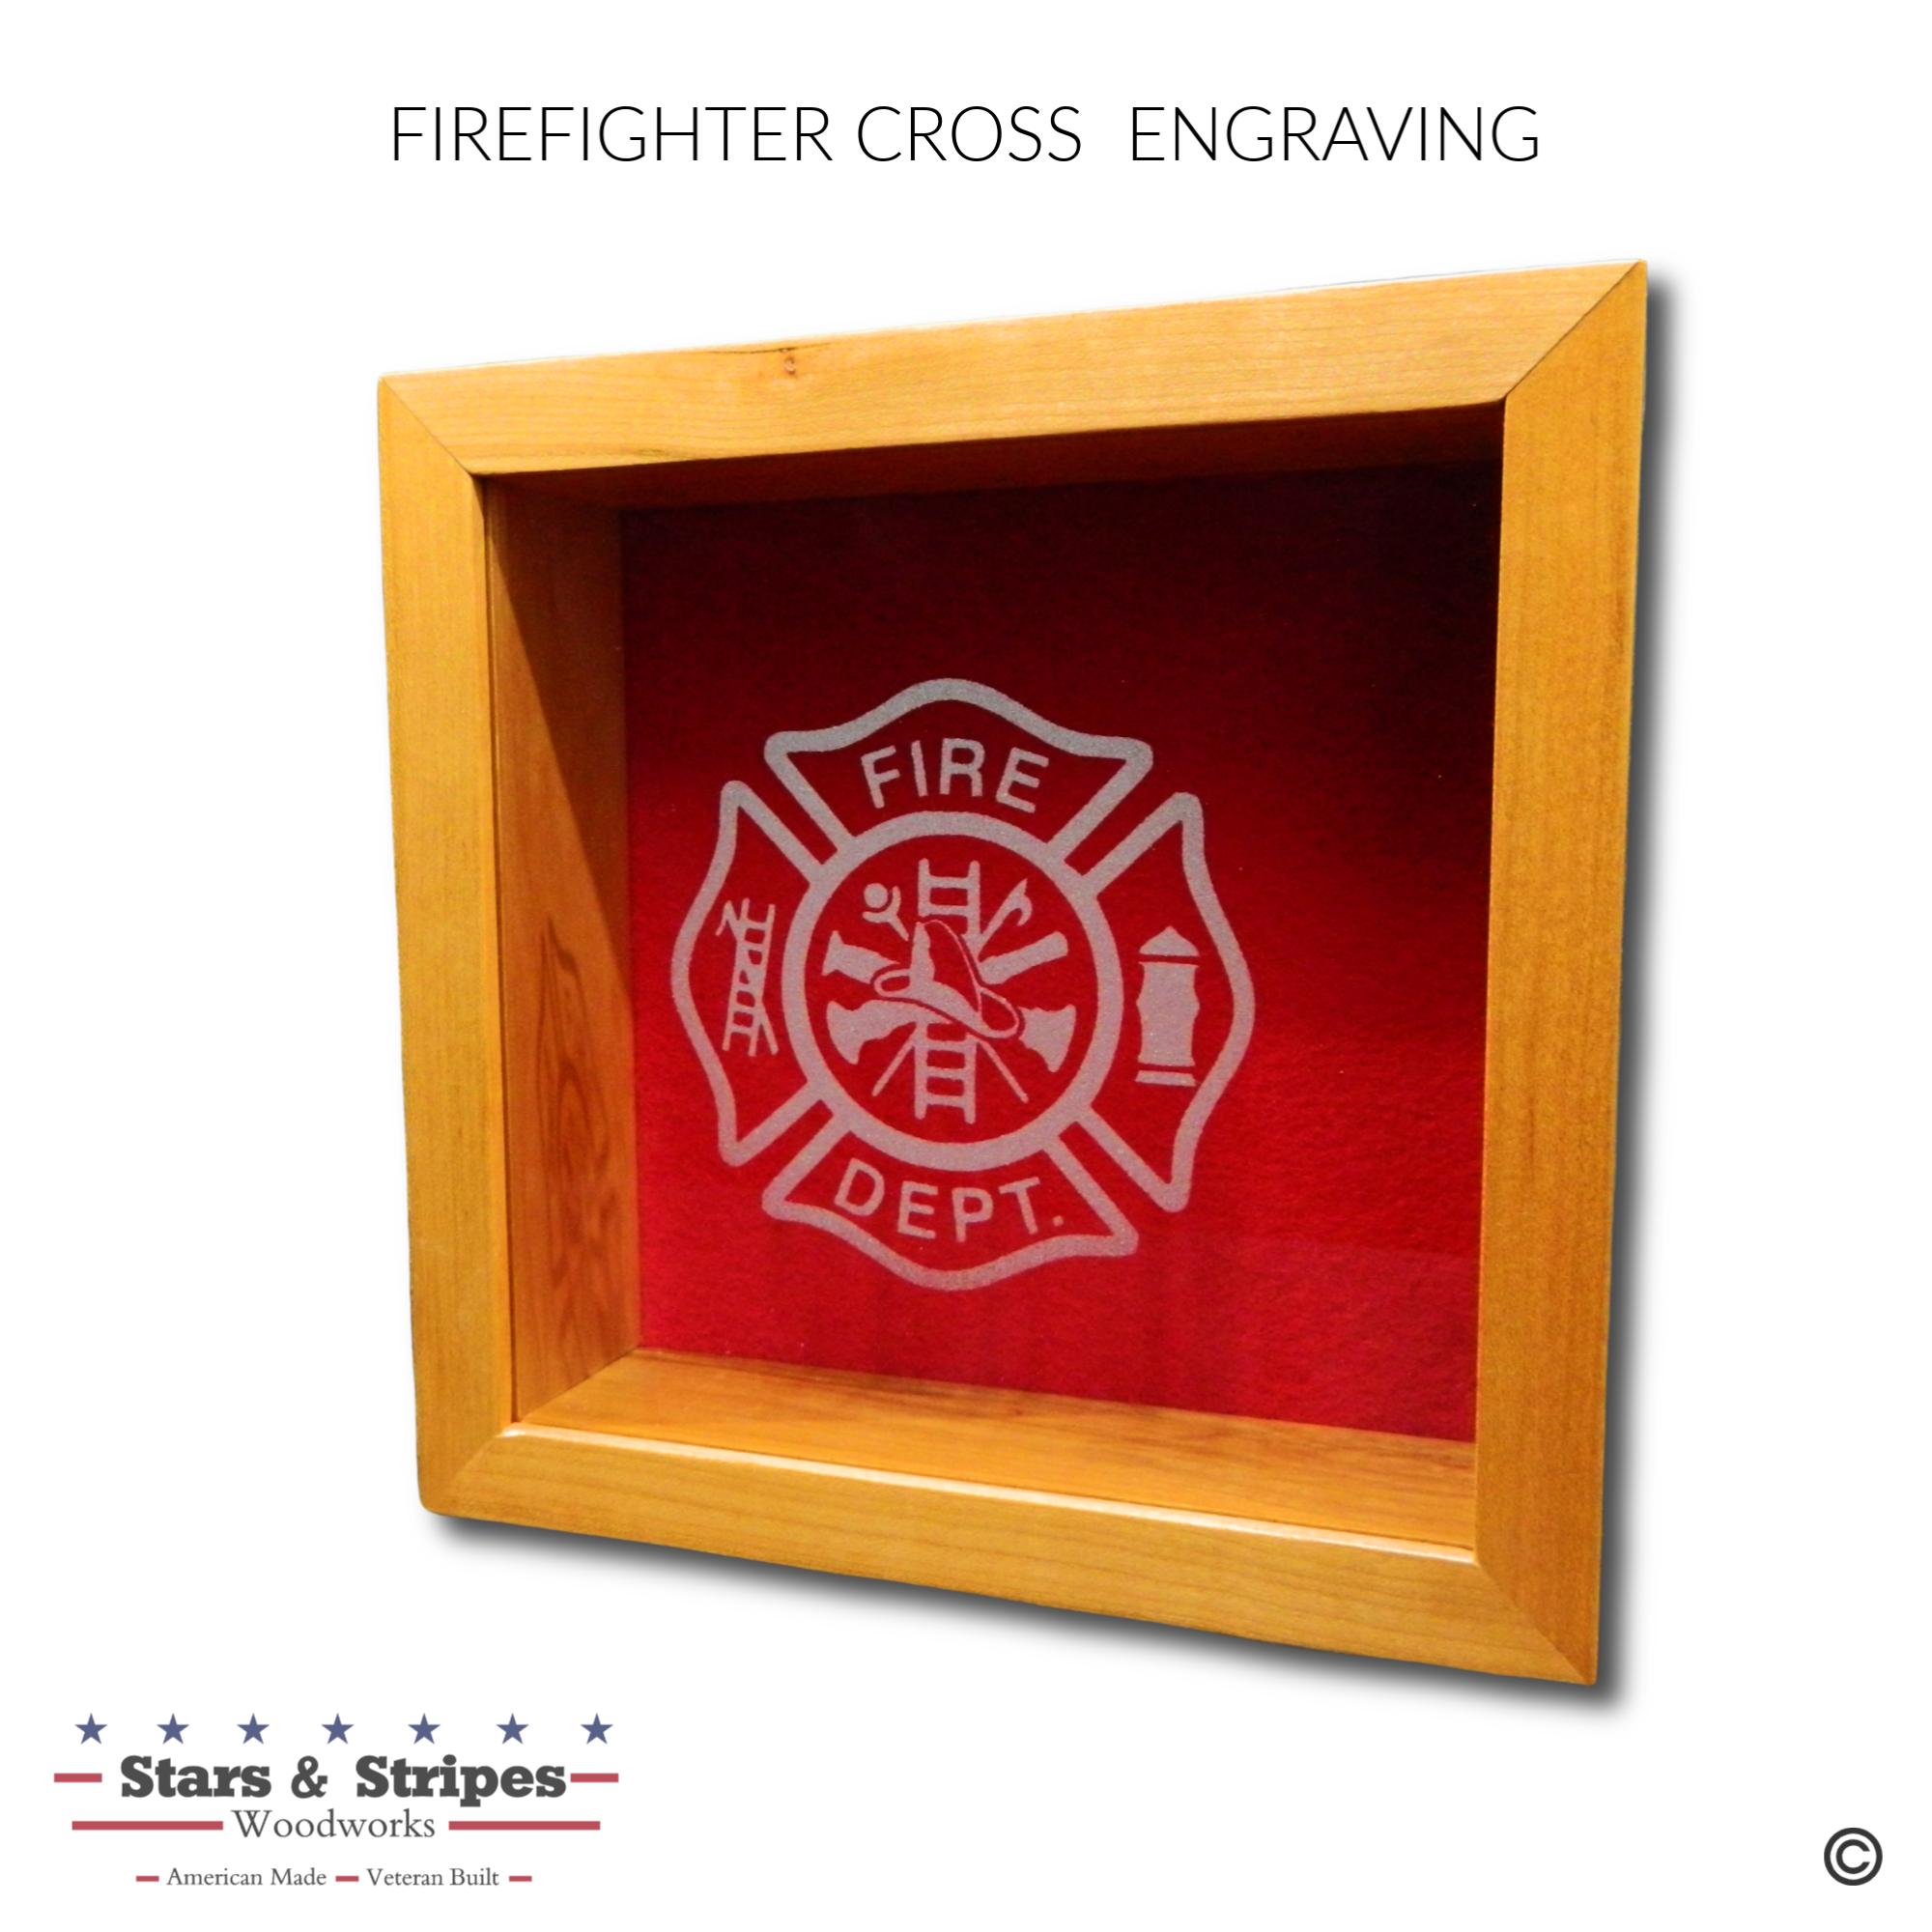 Firefighter Cross Glass Engraving Sample